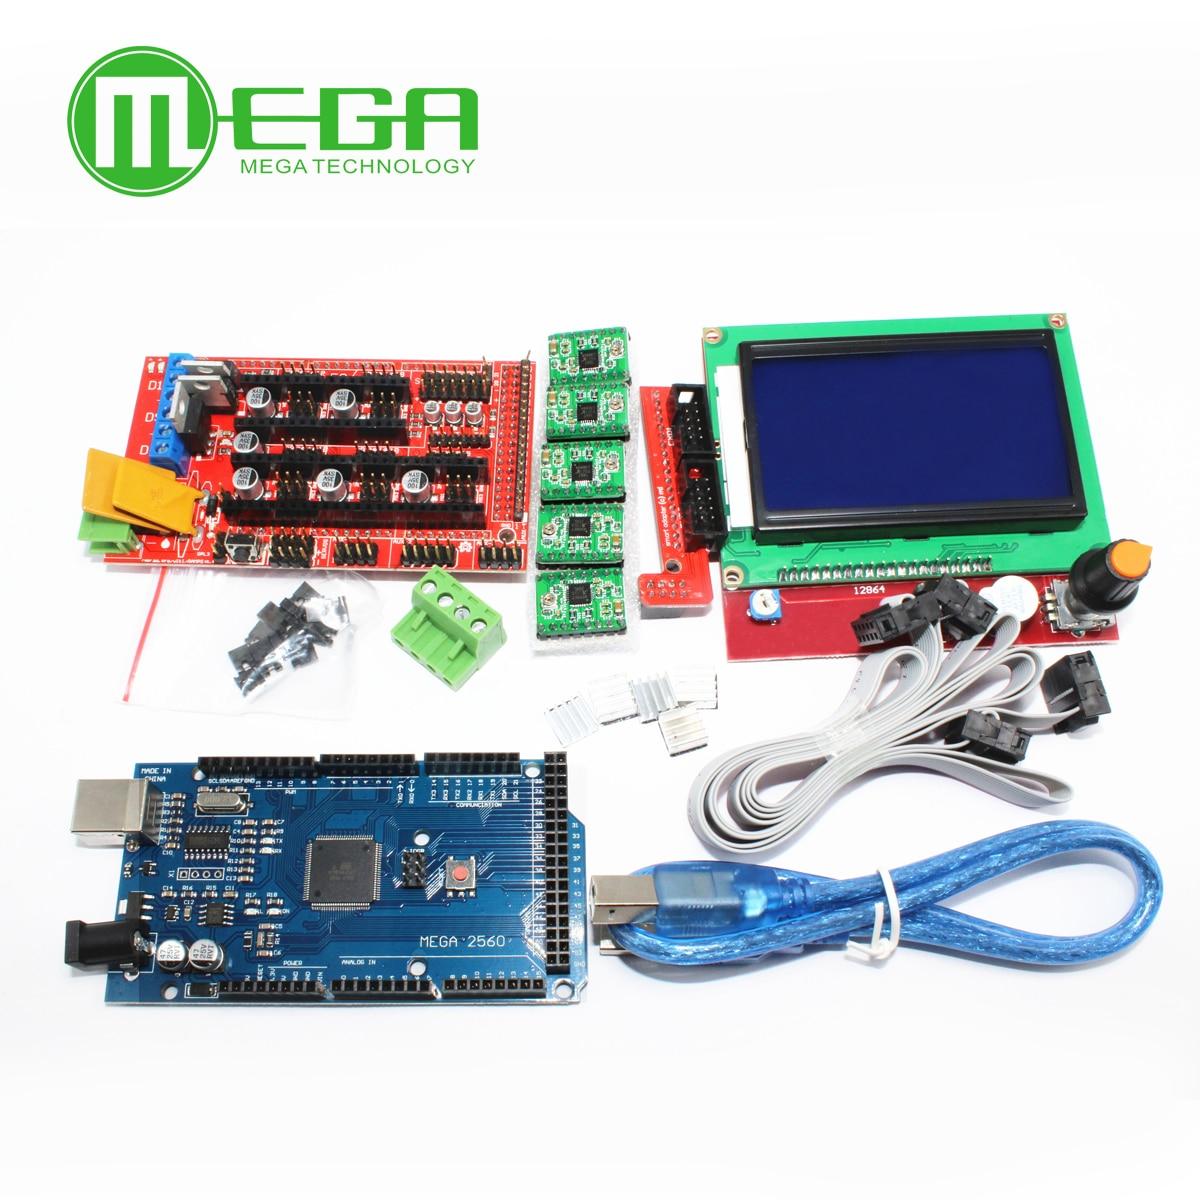 1pcs Mega 2560 R3 CH340 1pcs RAMPS 1 4 Controller 5pcs A4988 Stepper Driver Module 1pcs